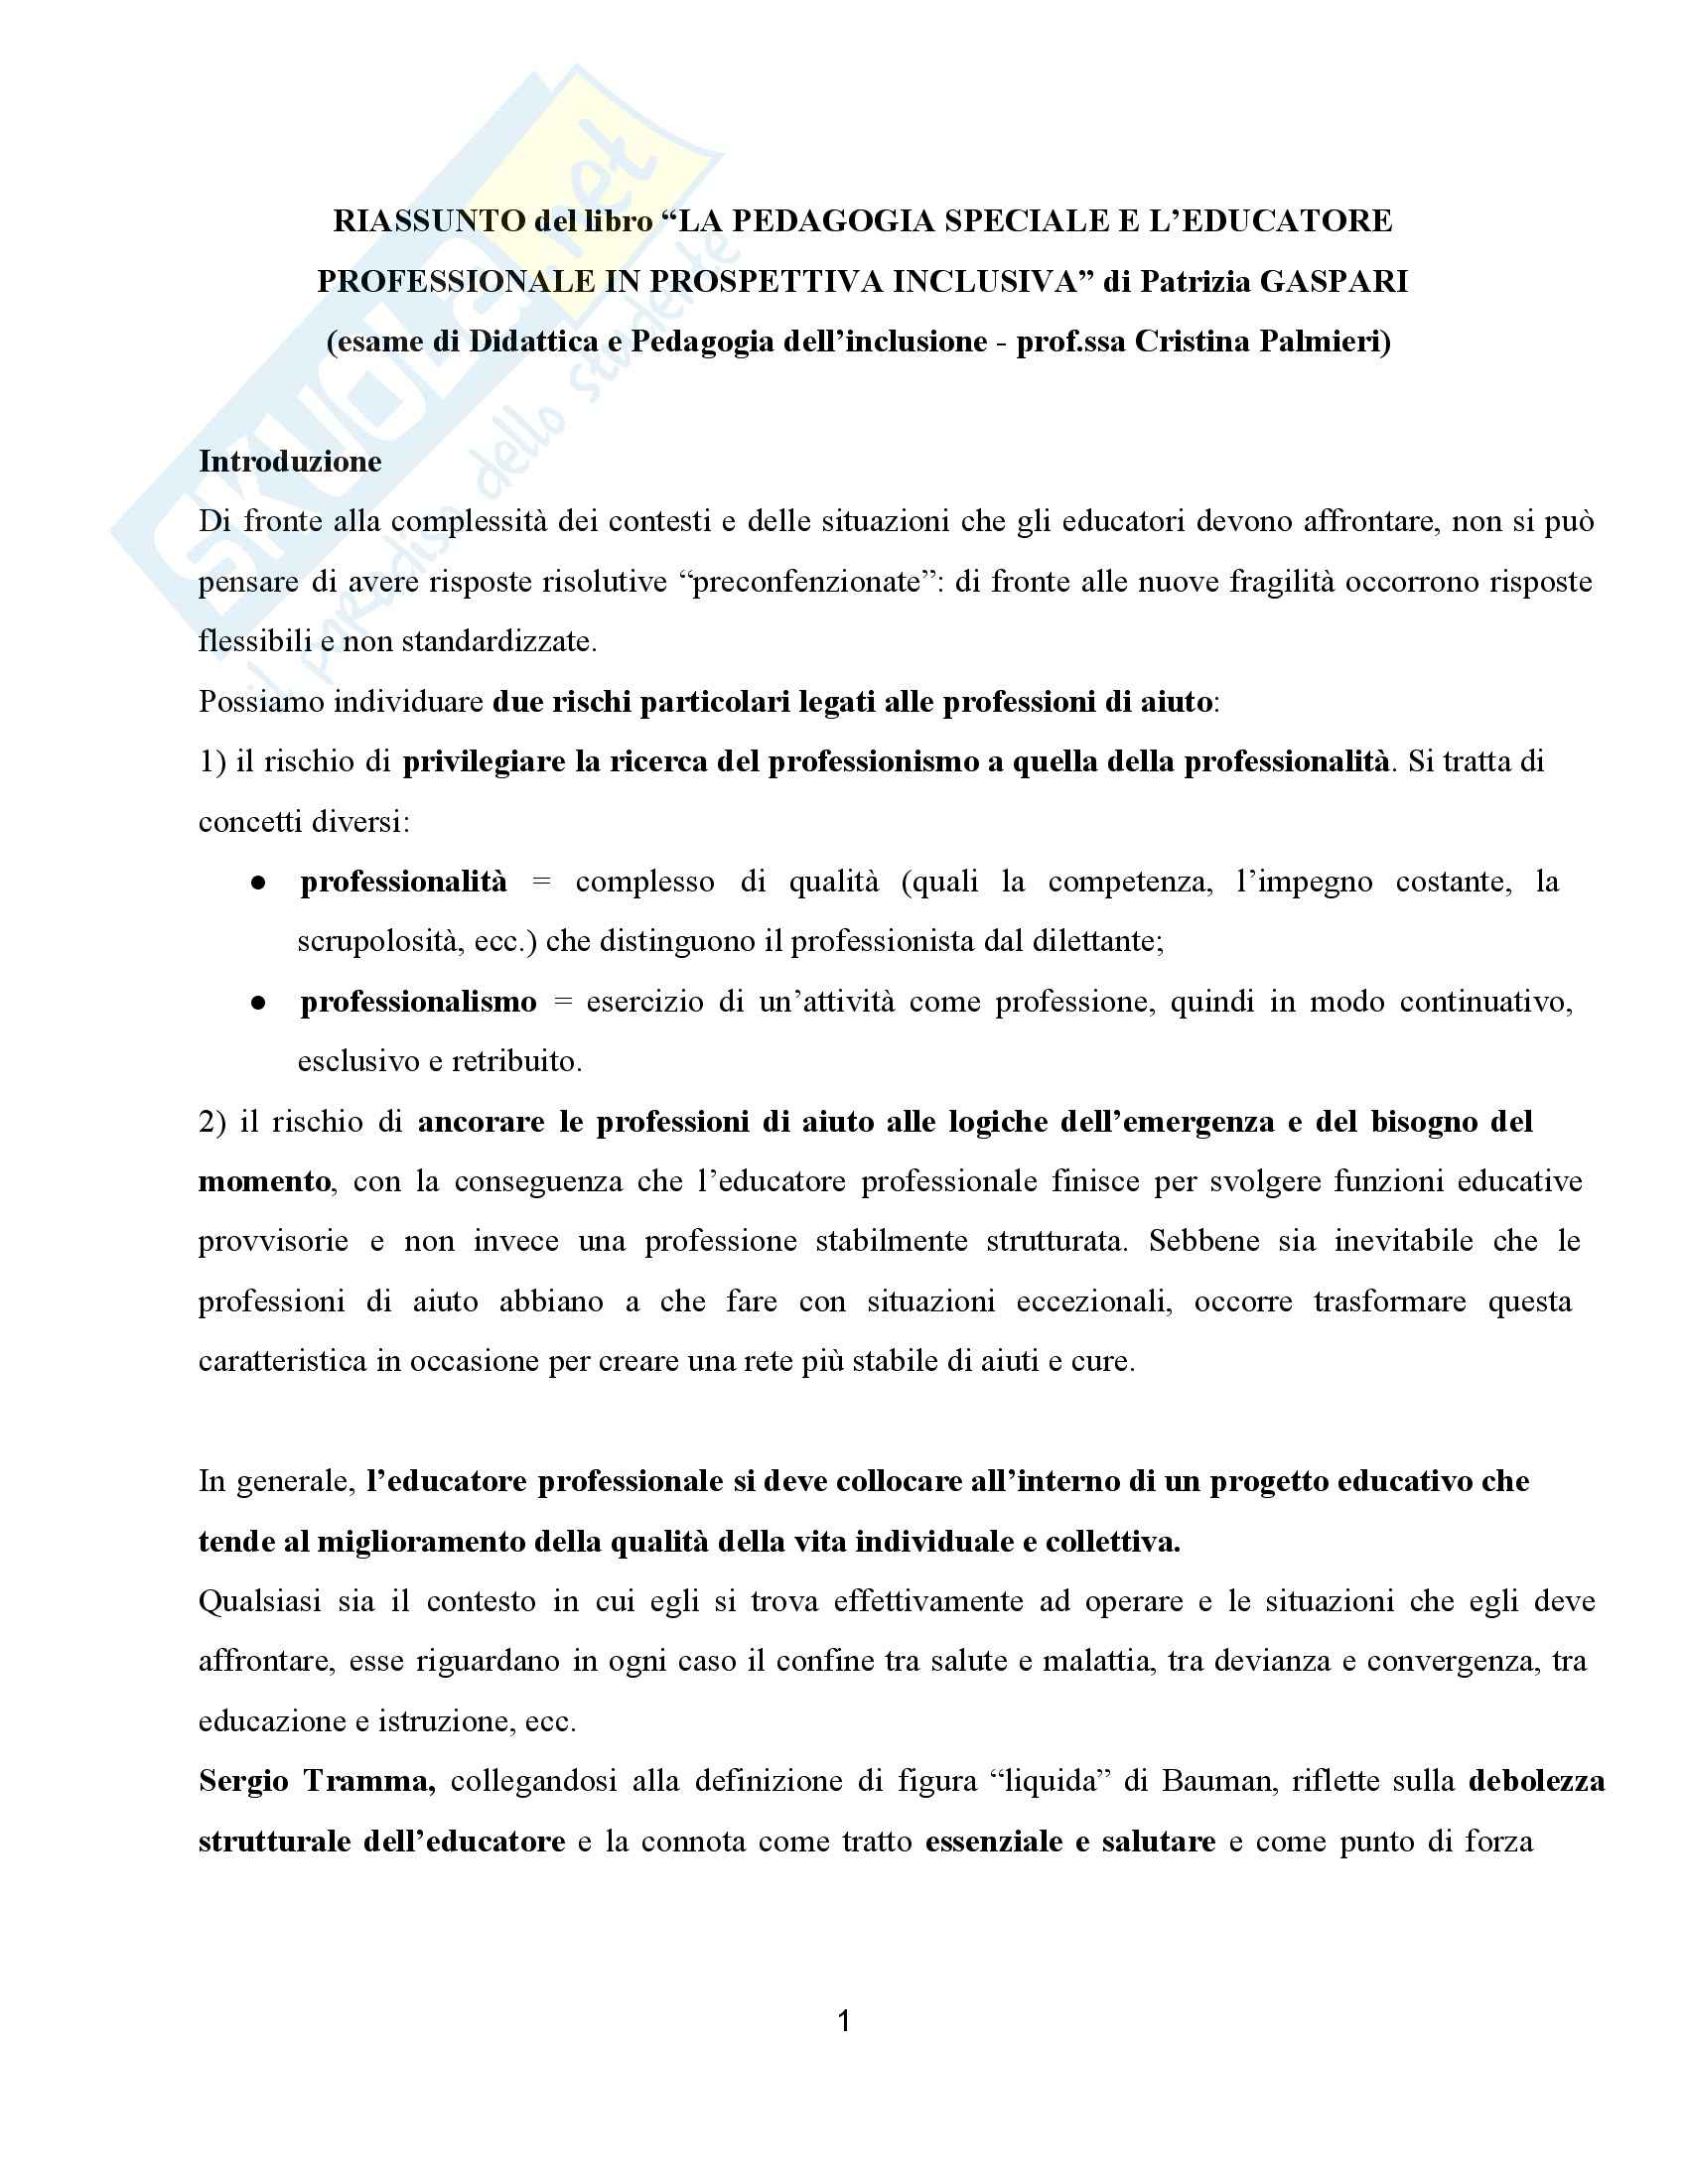 Riassunto esame Didattica dell'inclusione, prof. Palmieri, libro consigliato Pedagogia speciale e l'educatore professionale, Gaspari